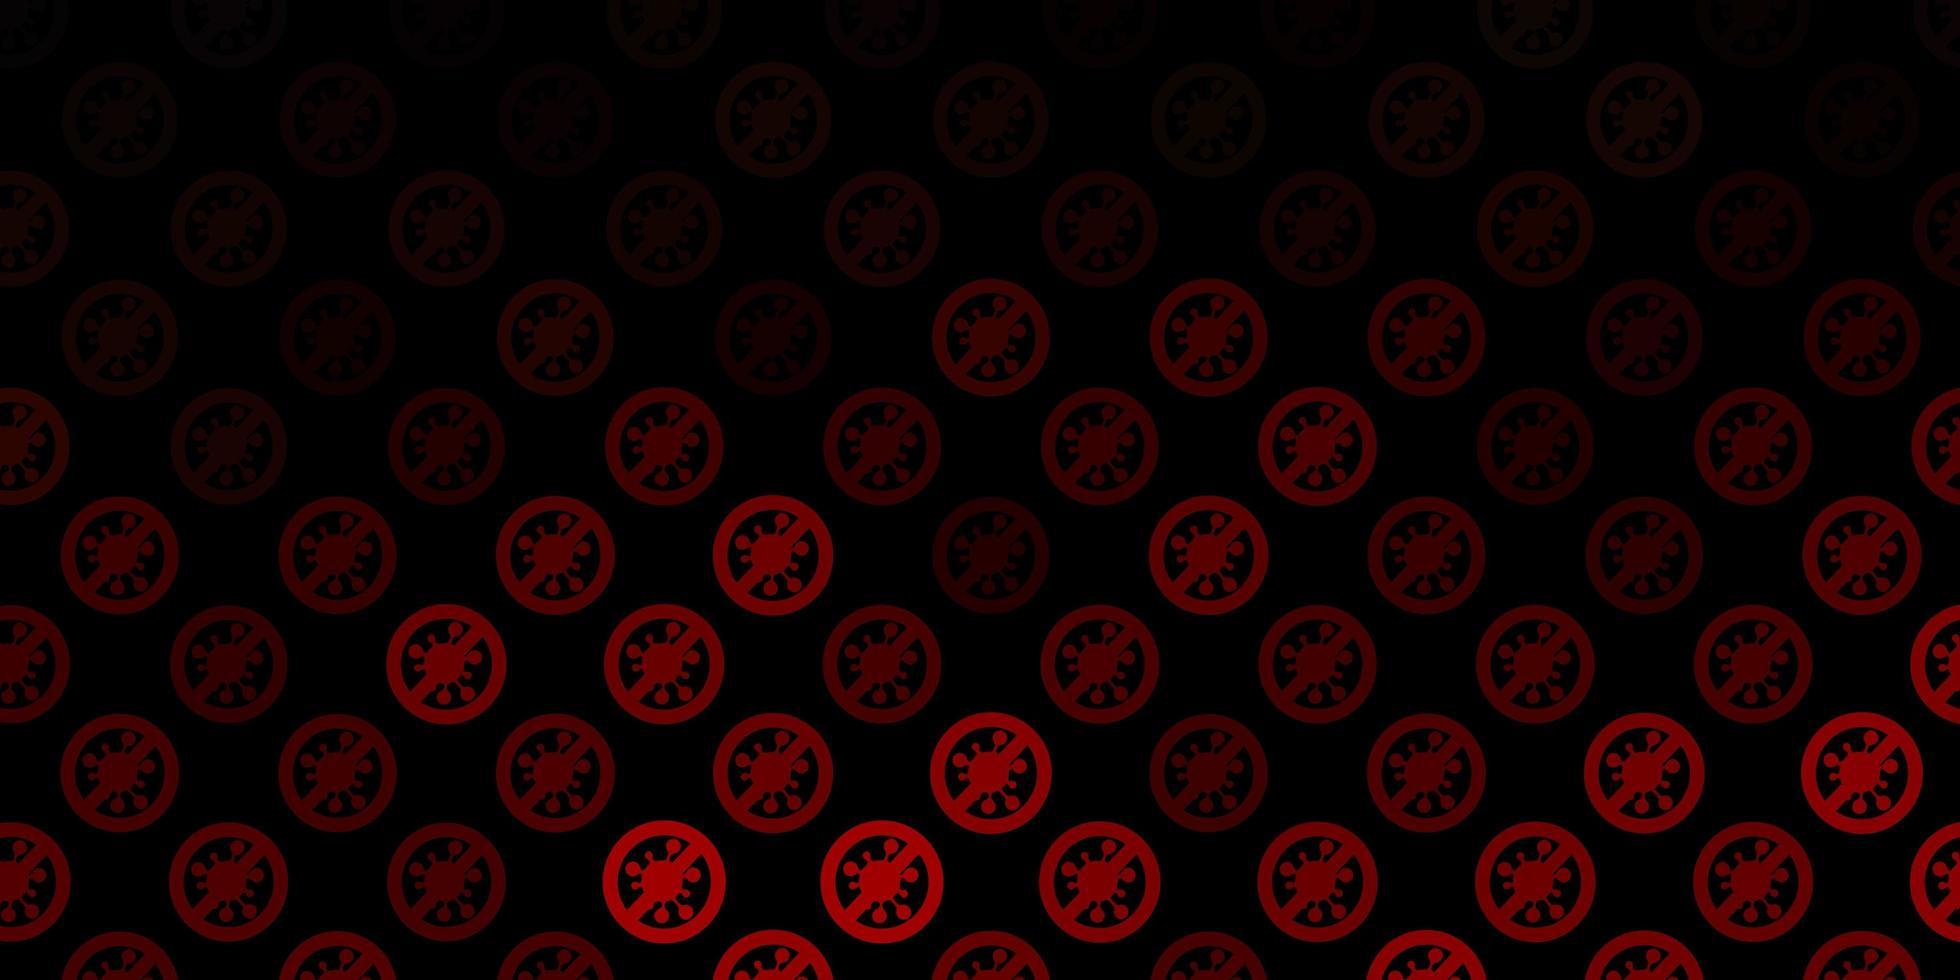 pano de fundo marrom escuro do vetor com símbolos de vírus.